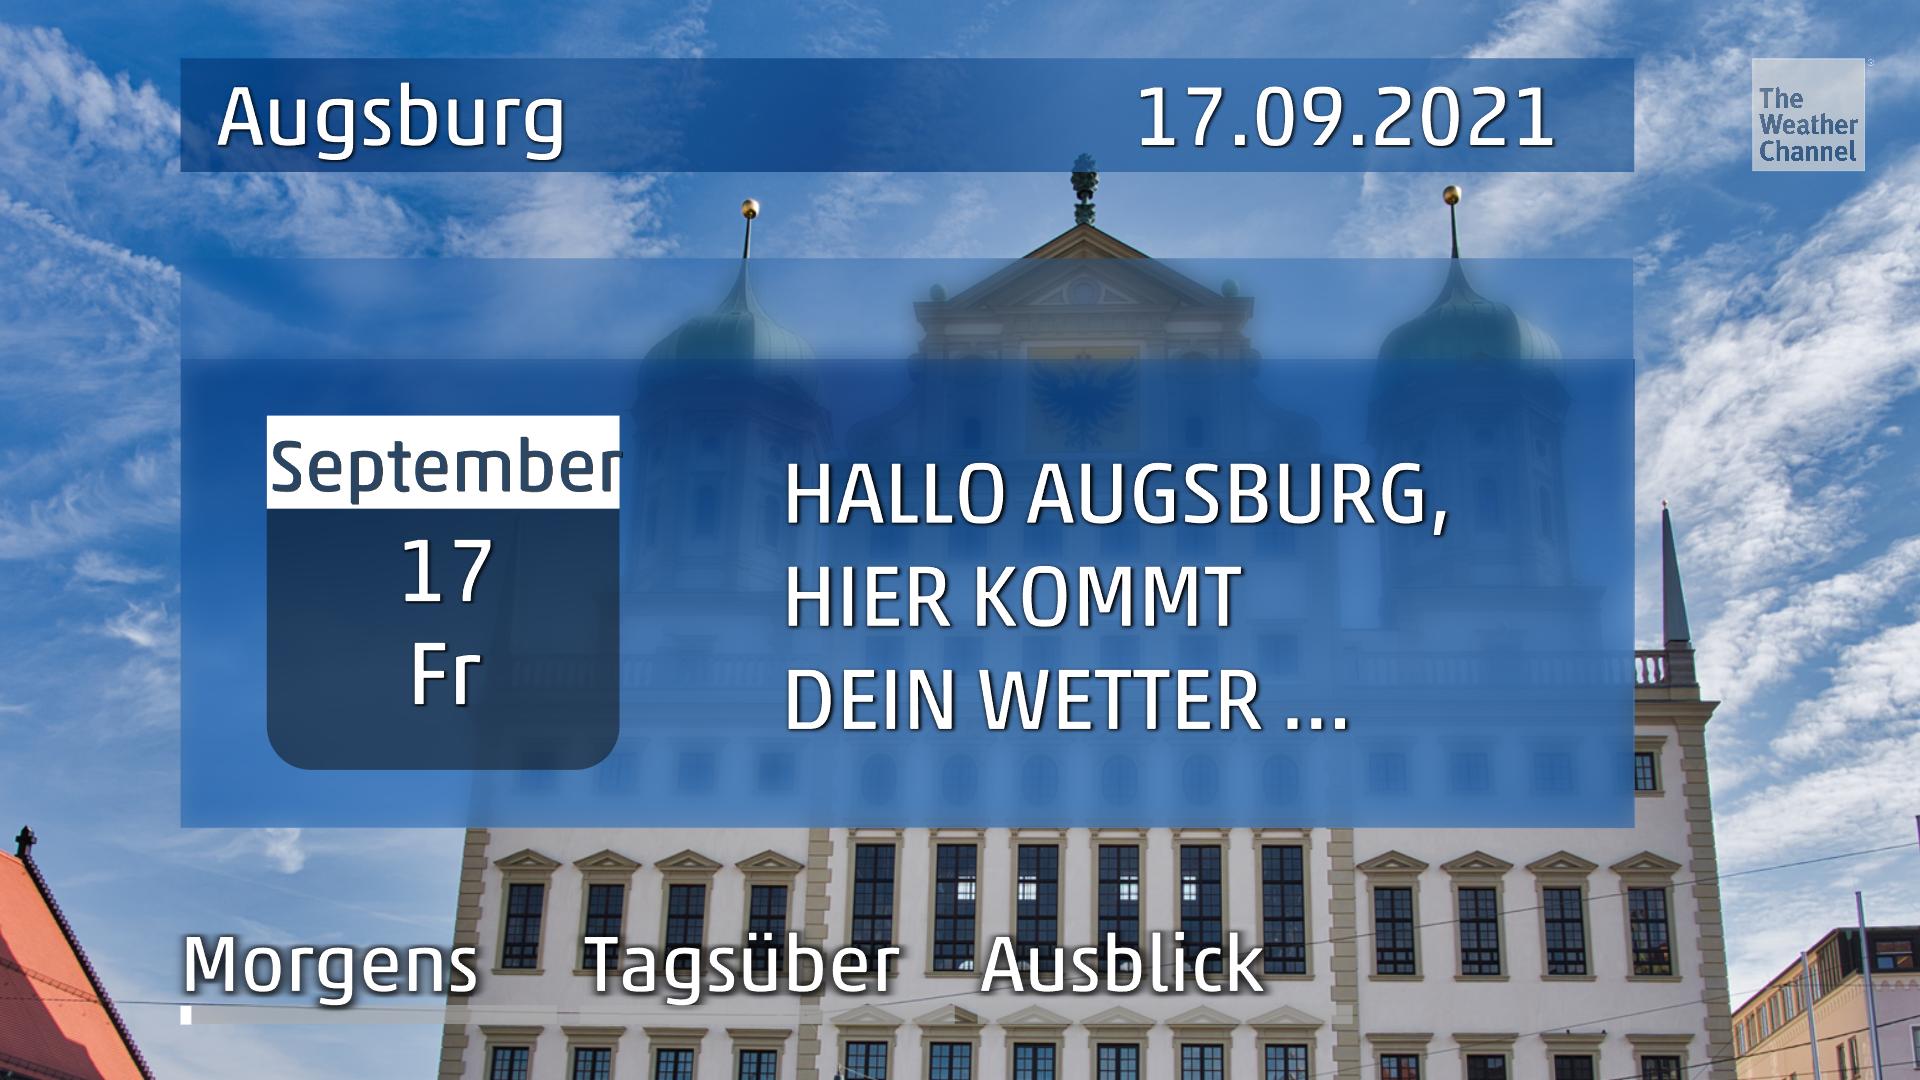 Das Wetter für Augsburg am Freitag, den 17.09.2021